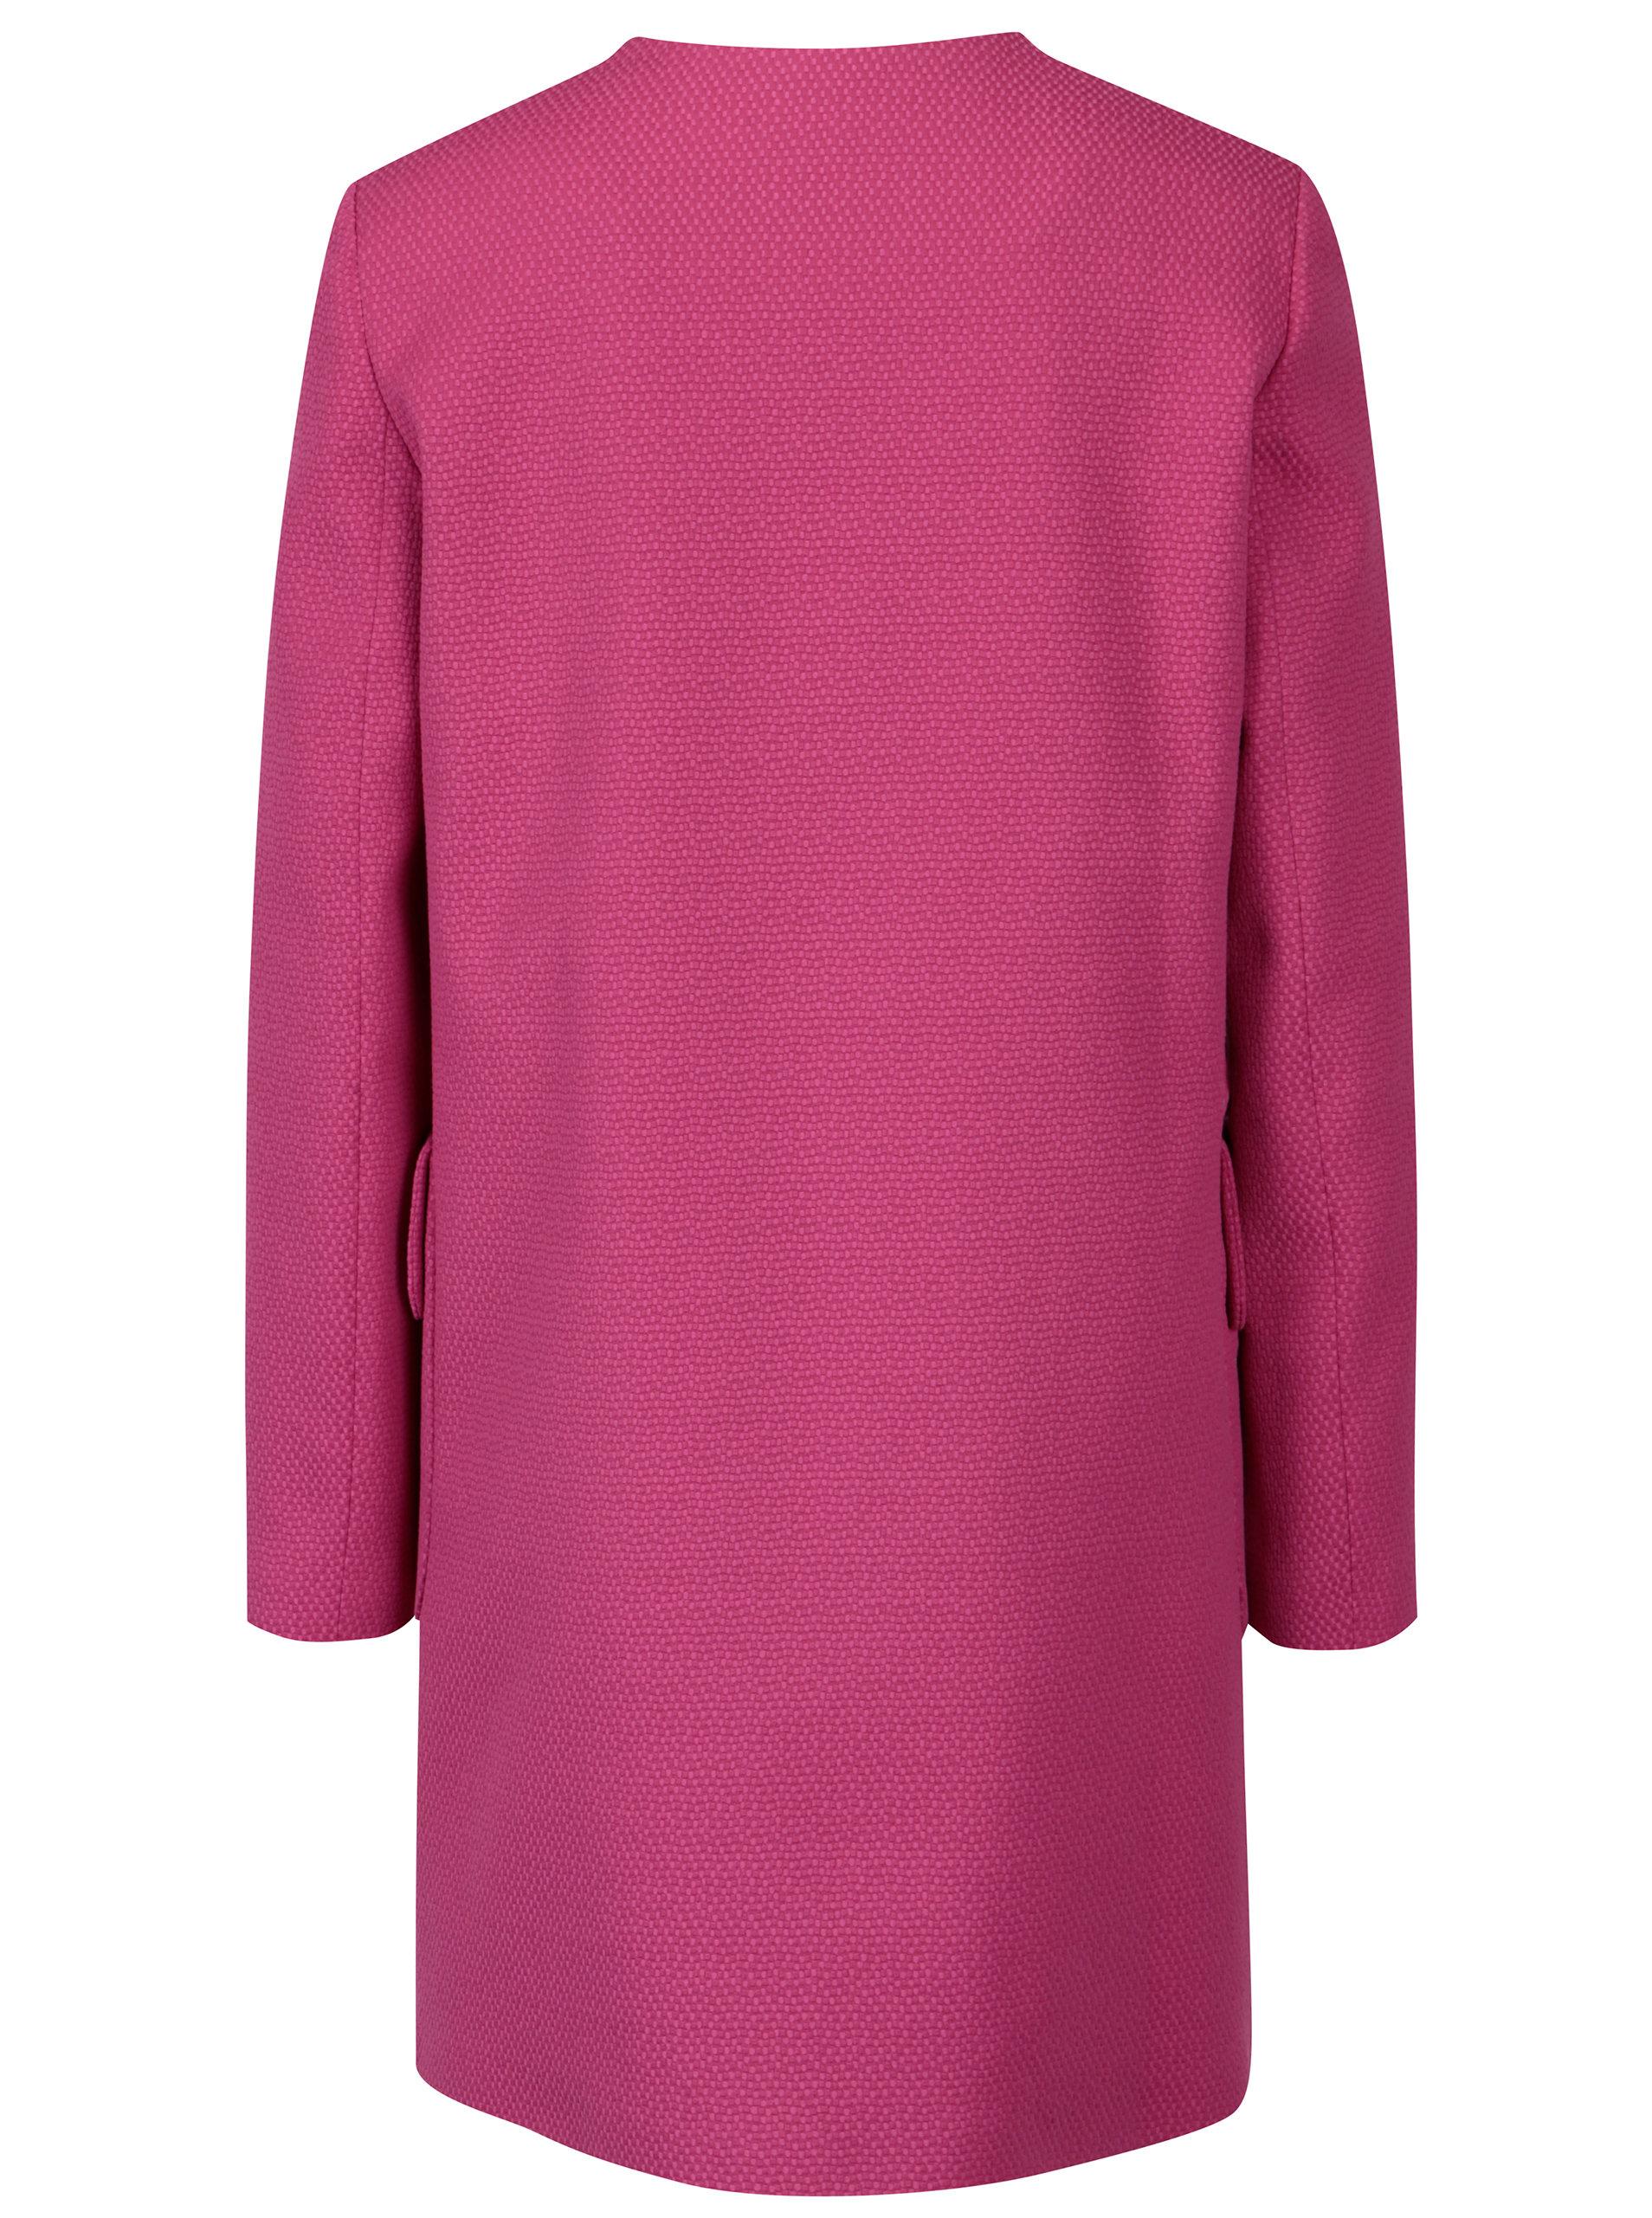 befde6b3754 Růžový dámský kabát Pietro Filipi ...